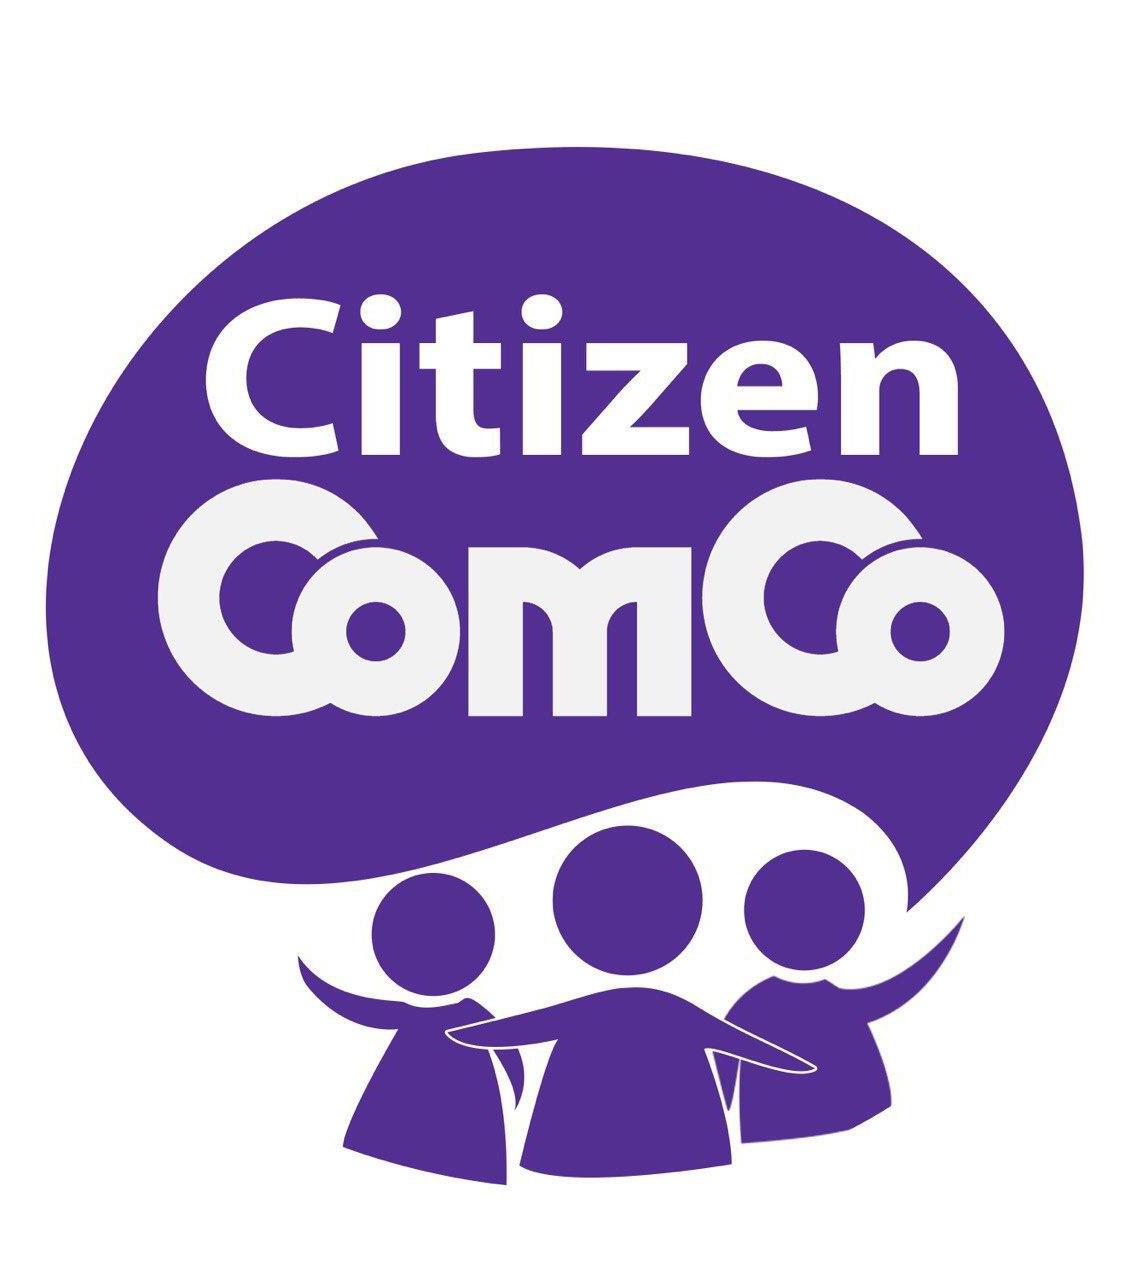 comco southeast asia citizen comco